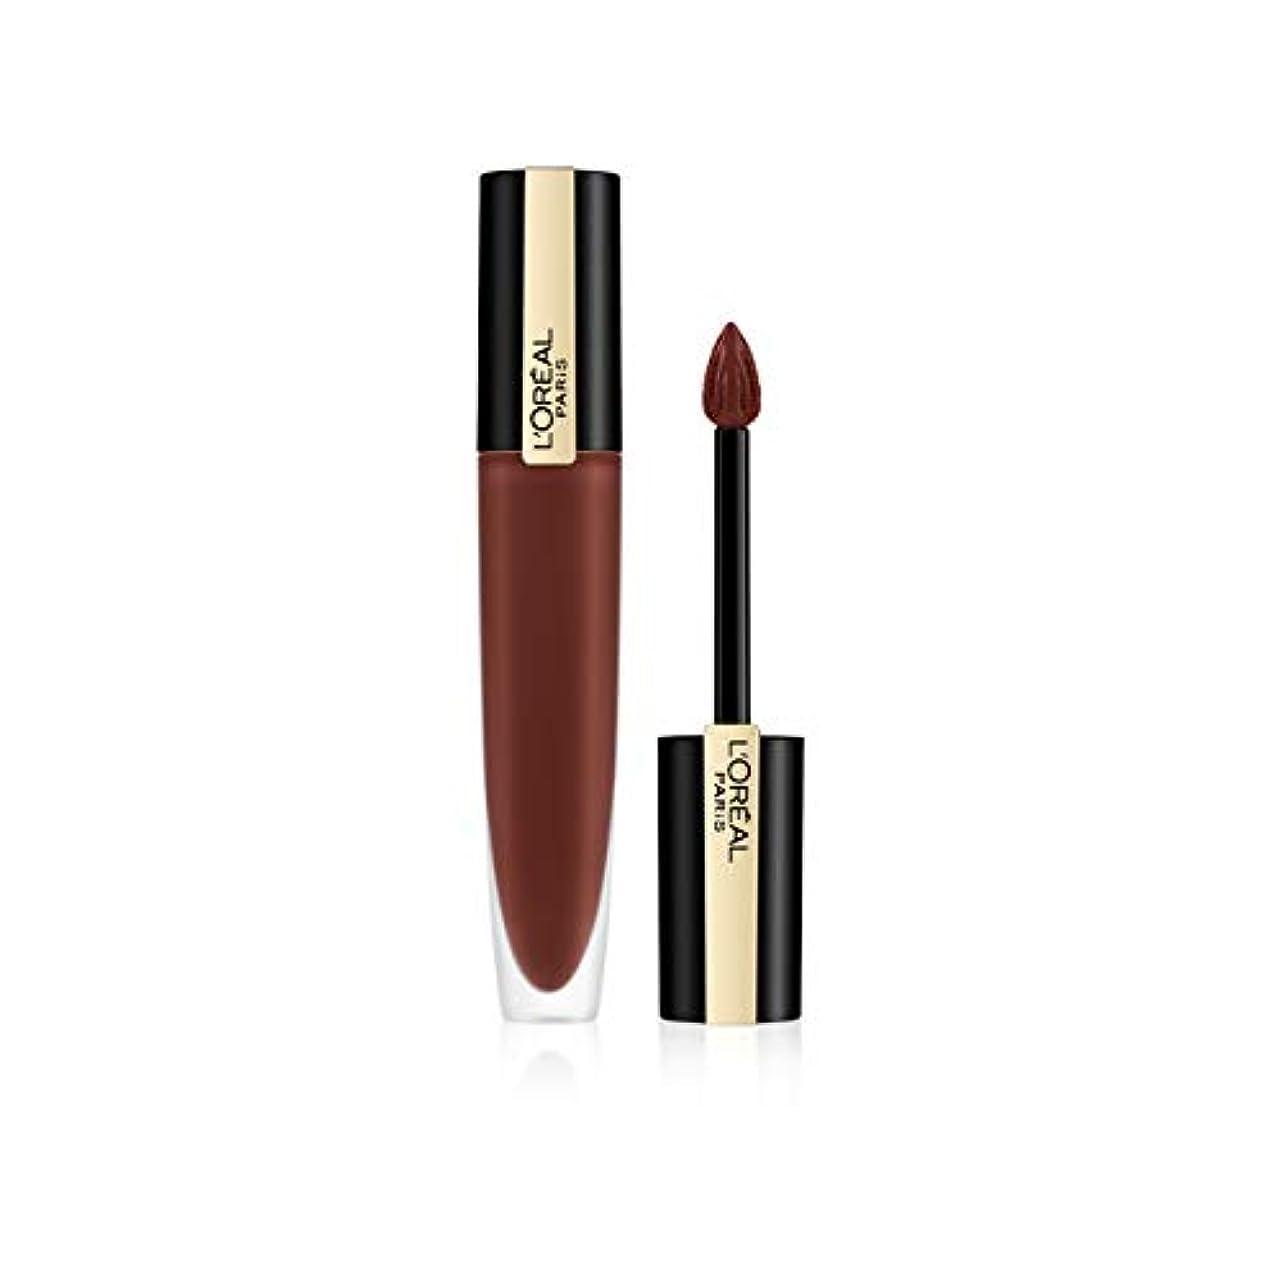 間寛容黒くするL'Oreal Paris Rouge Signature Matte Liquid Lipstick,126 I Play, 7g